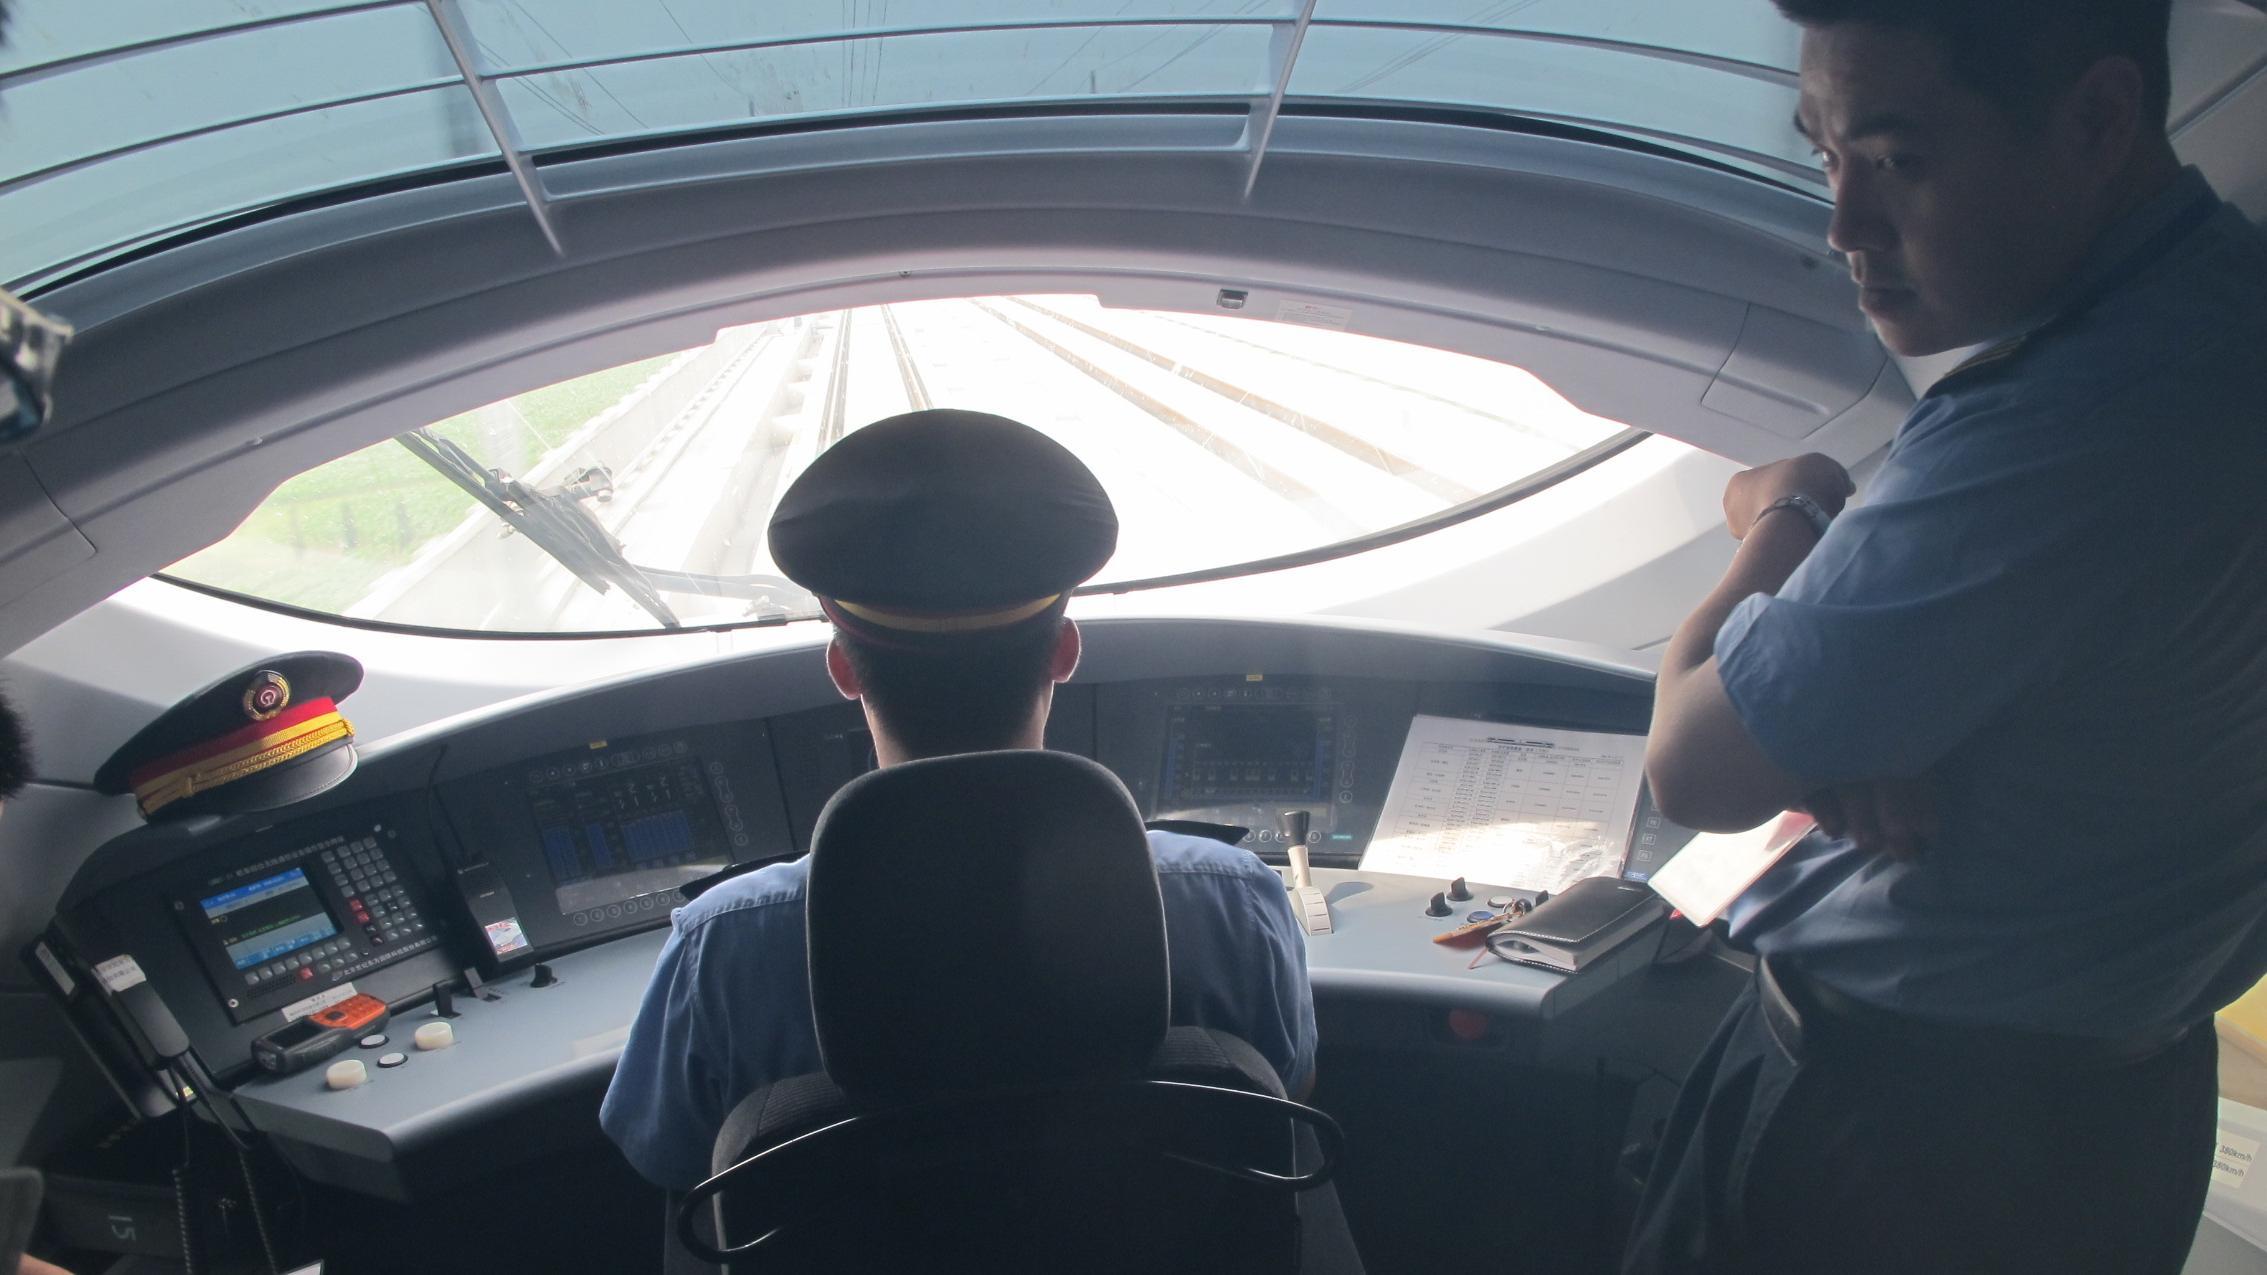 im Cockpit eines chinesischen Schnellzugs. China hat mit rund 30 000 Kilometern das größte Hochgeschwindigkeitsnetz der Welt.